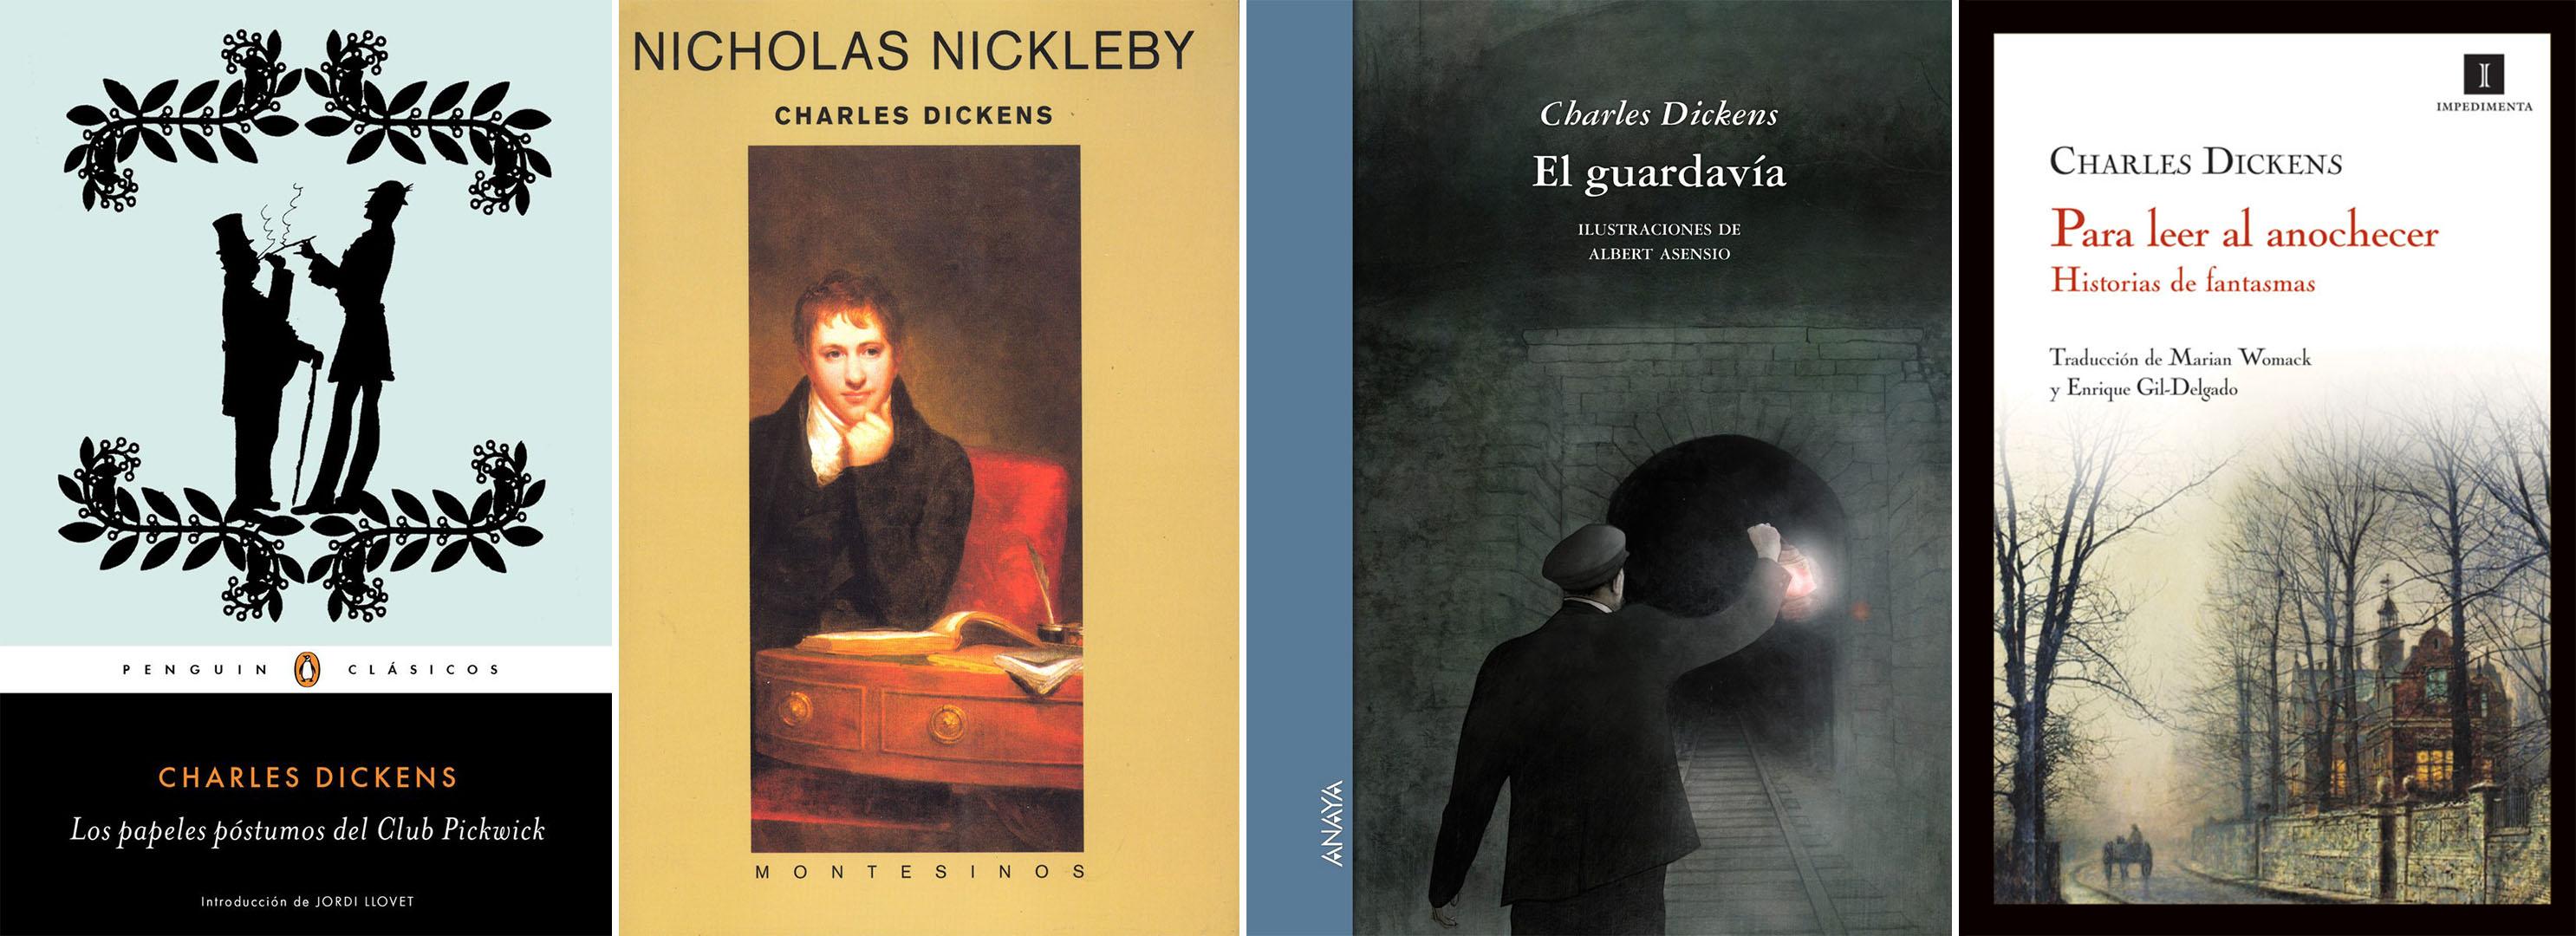 A lo largo de su obra, el autor escribió más de 20 historias relacionadas a fantasmas